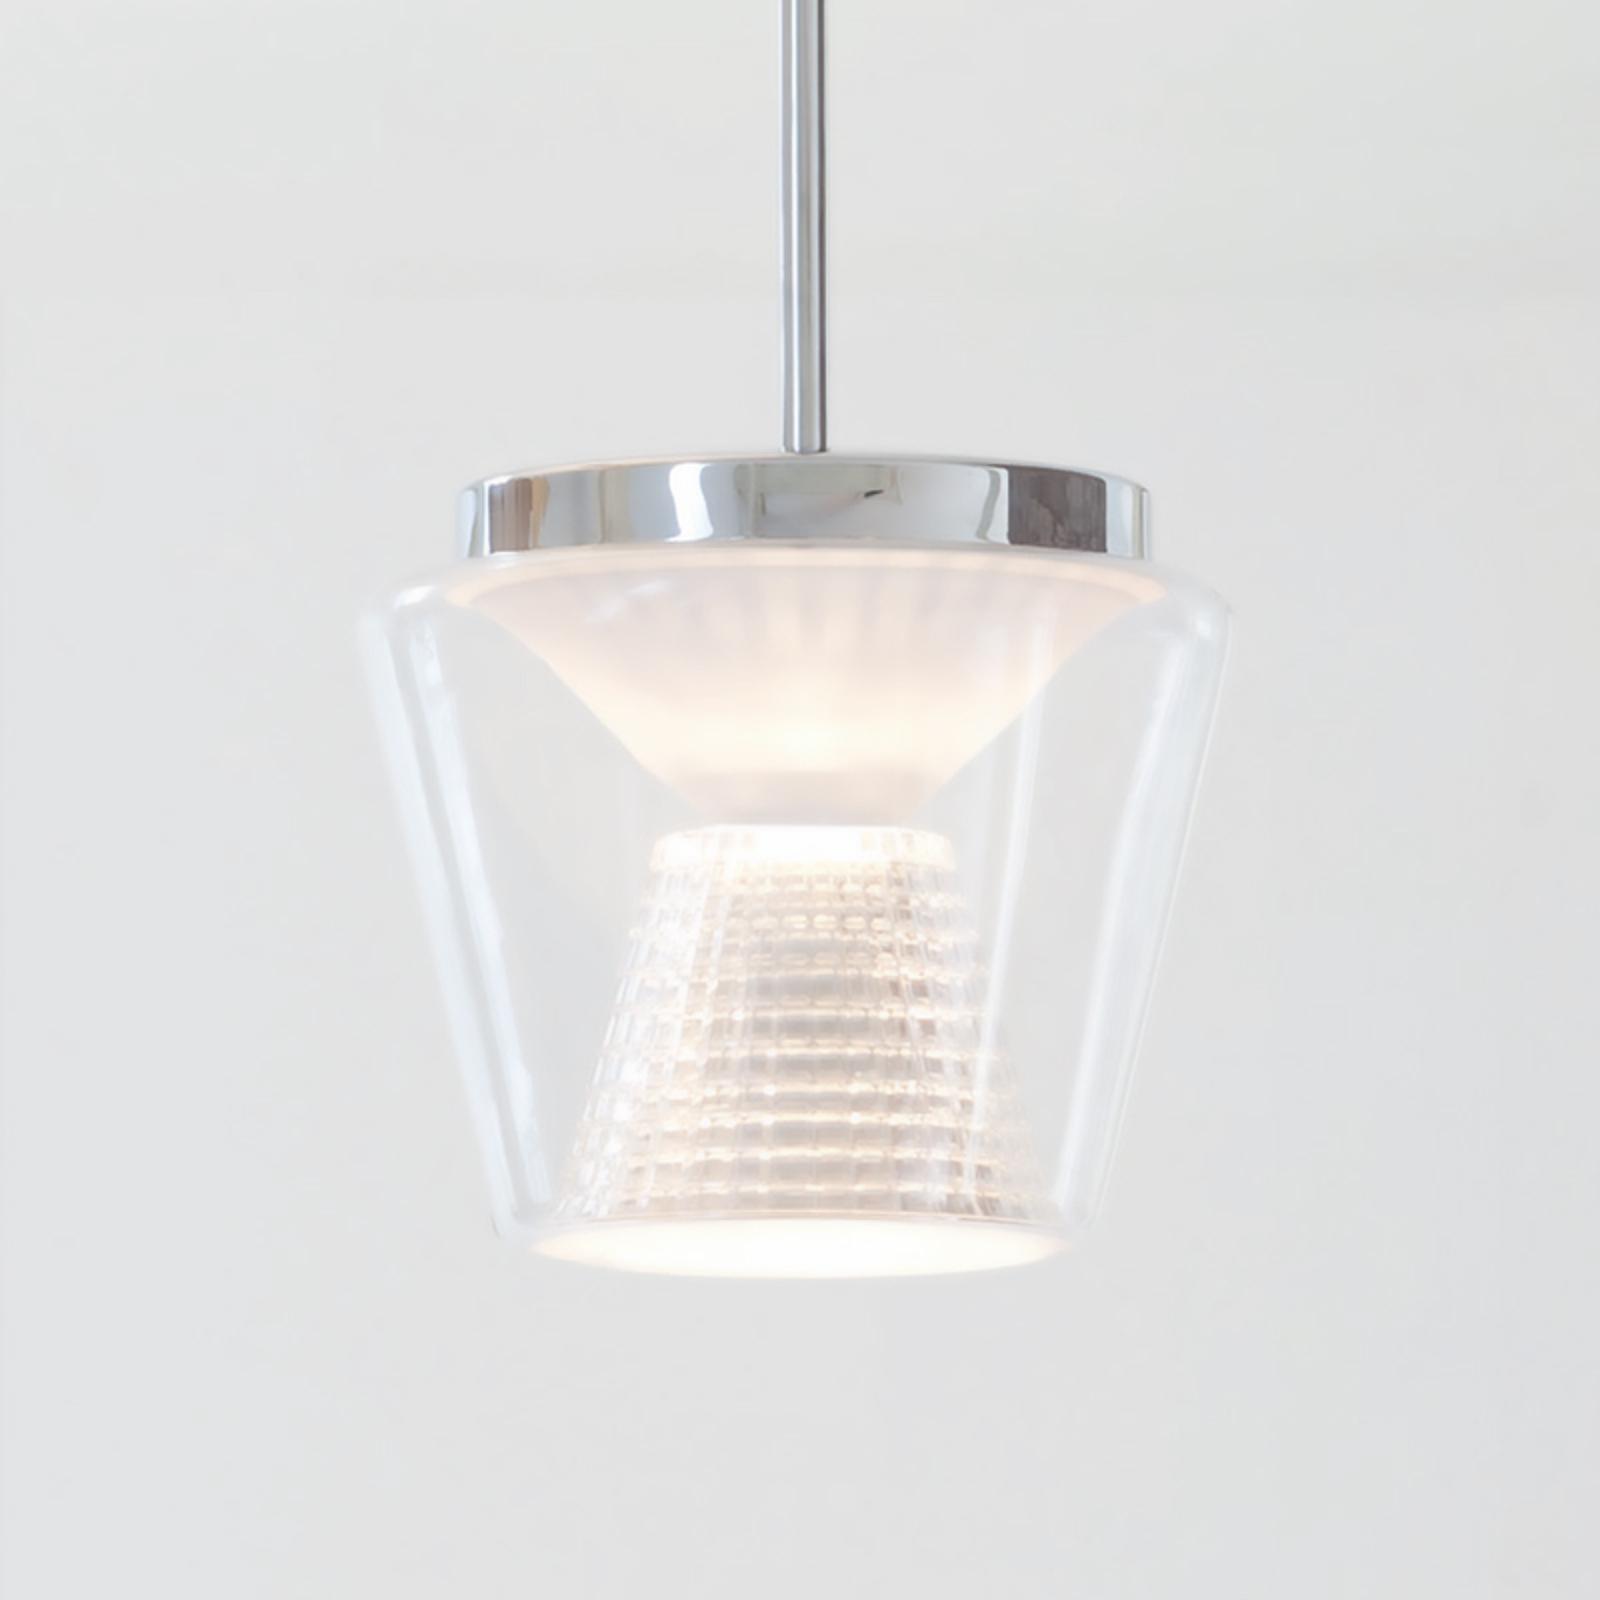 serien.lighting Annex L Pendel 2.700K Triac krista